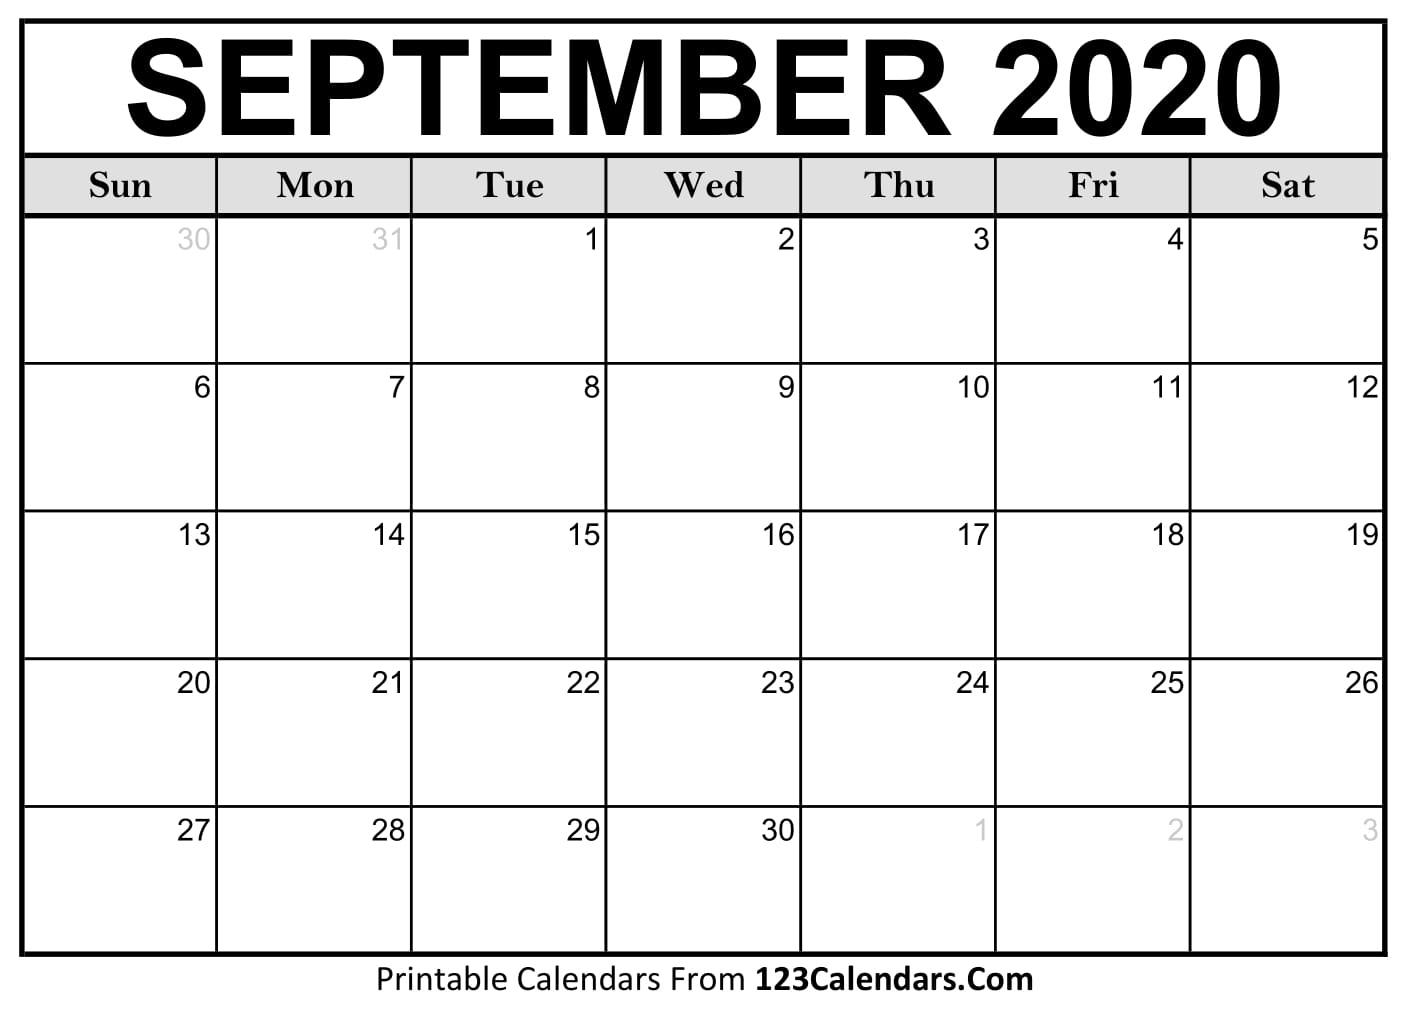 Free September 2020 Calendar | 123Calendars pertaining to September Fill In Calendar 2020